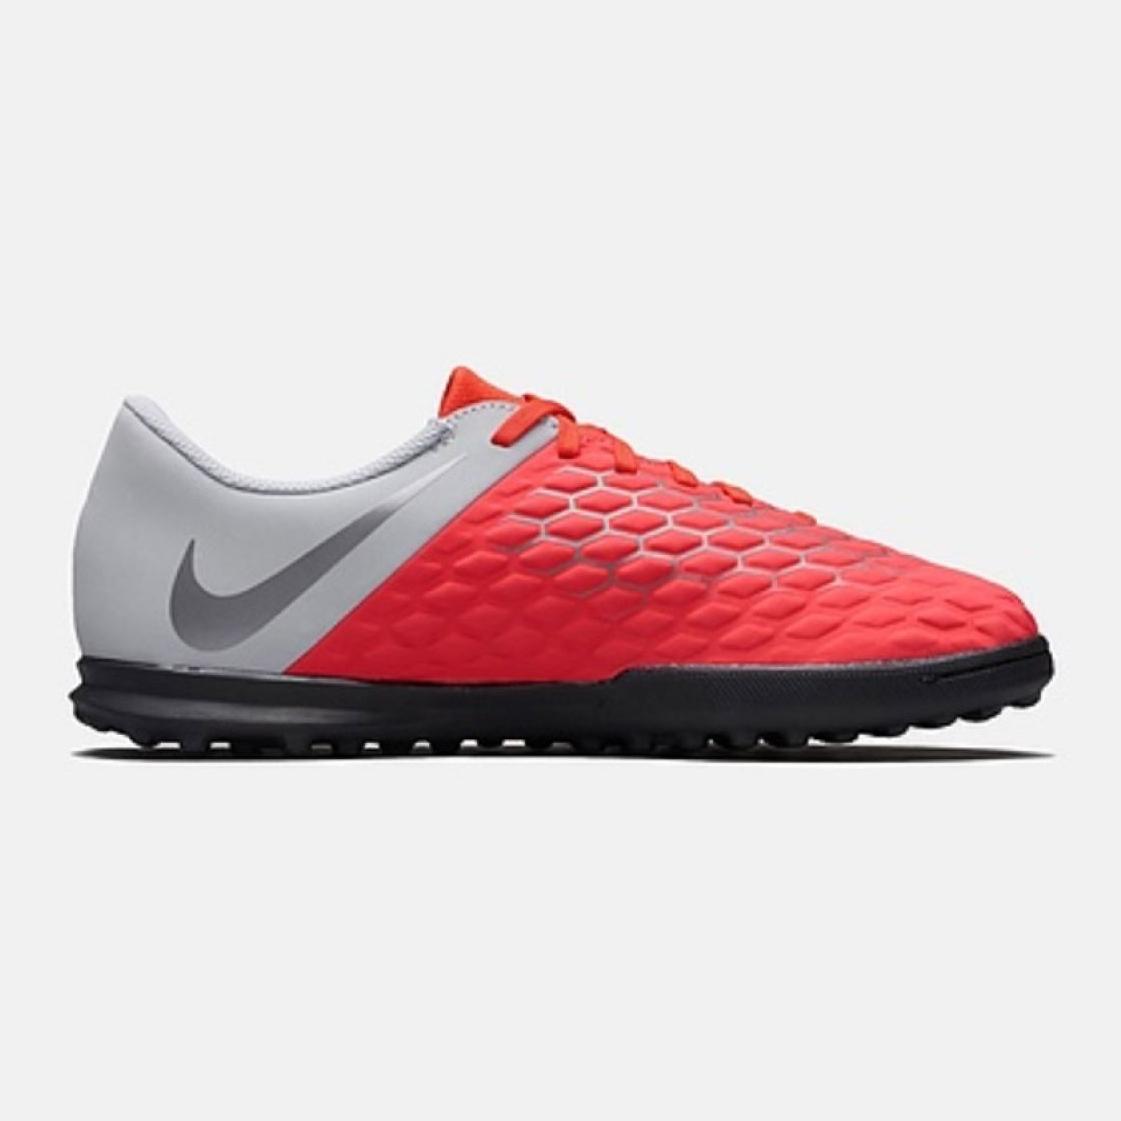 Botas de fútbol Nike Hypervenom Phantomx 3 Club Tf Jr AJ3790 600 rojo blanco